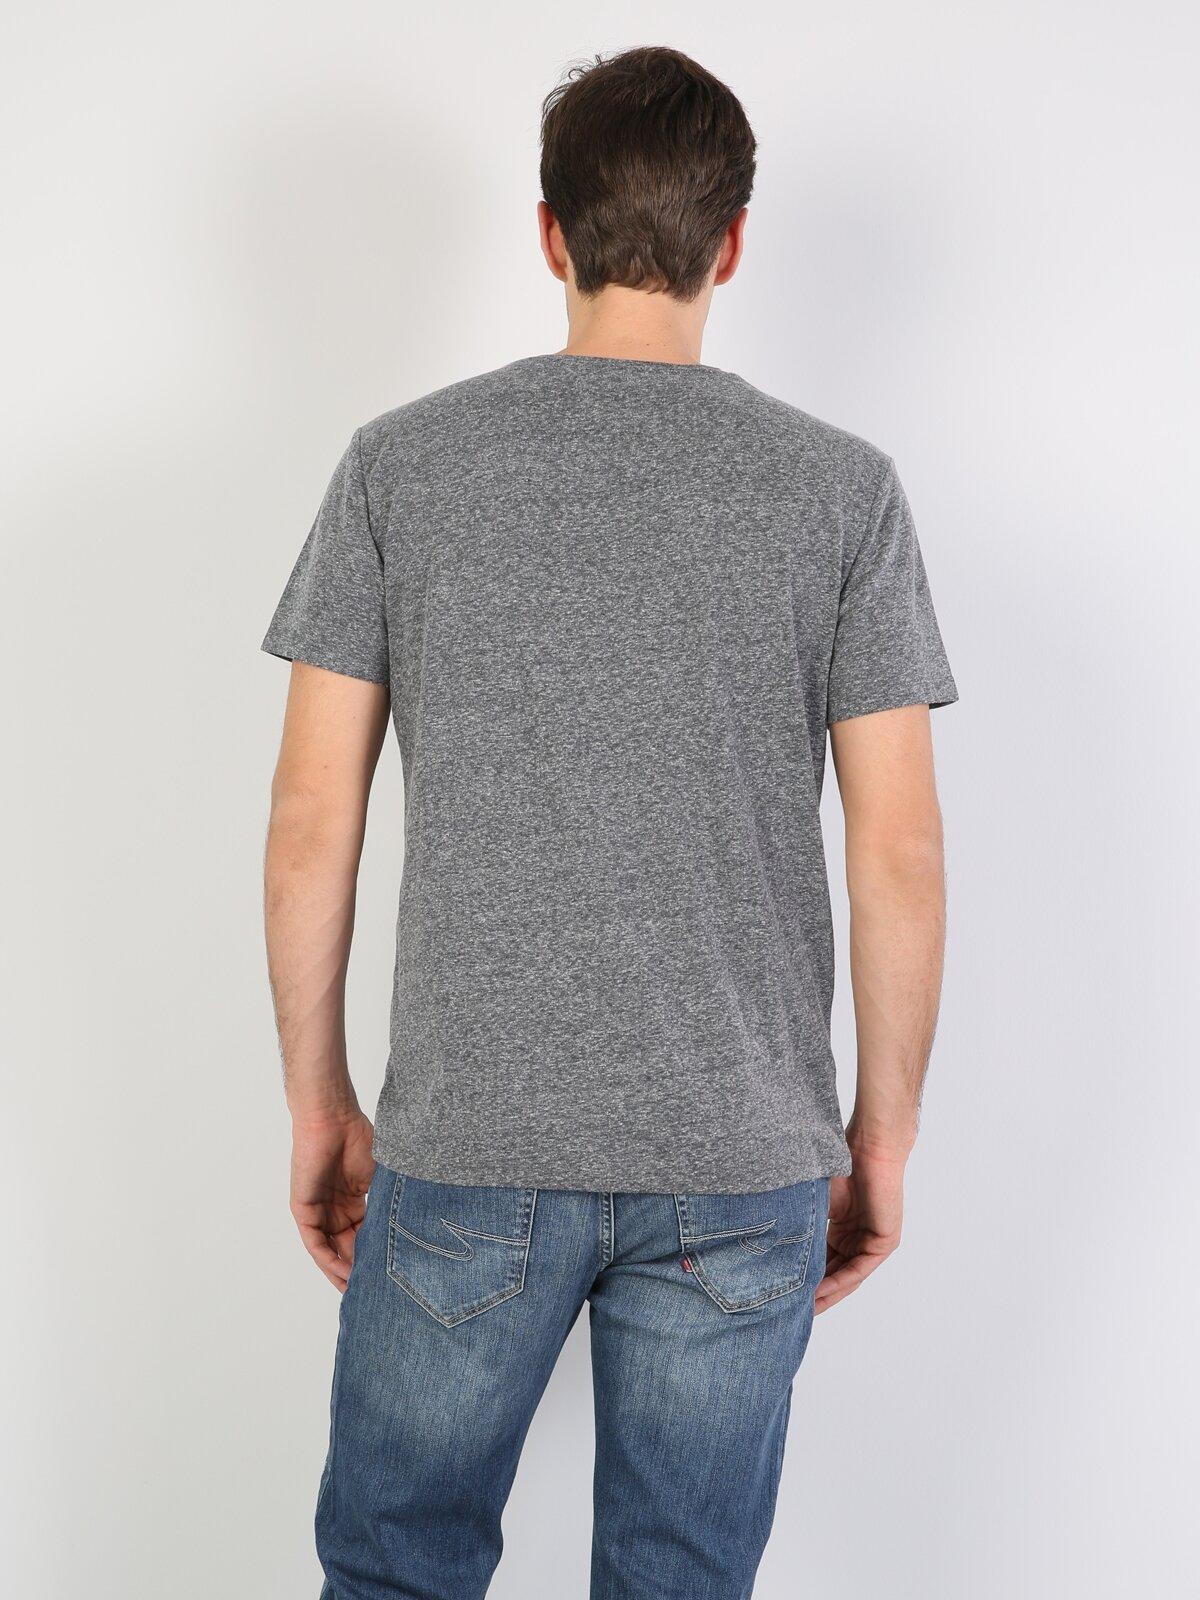 Antra Melanj Yuvarlak Yaka Erkek Kısa Kol Tişört